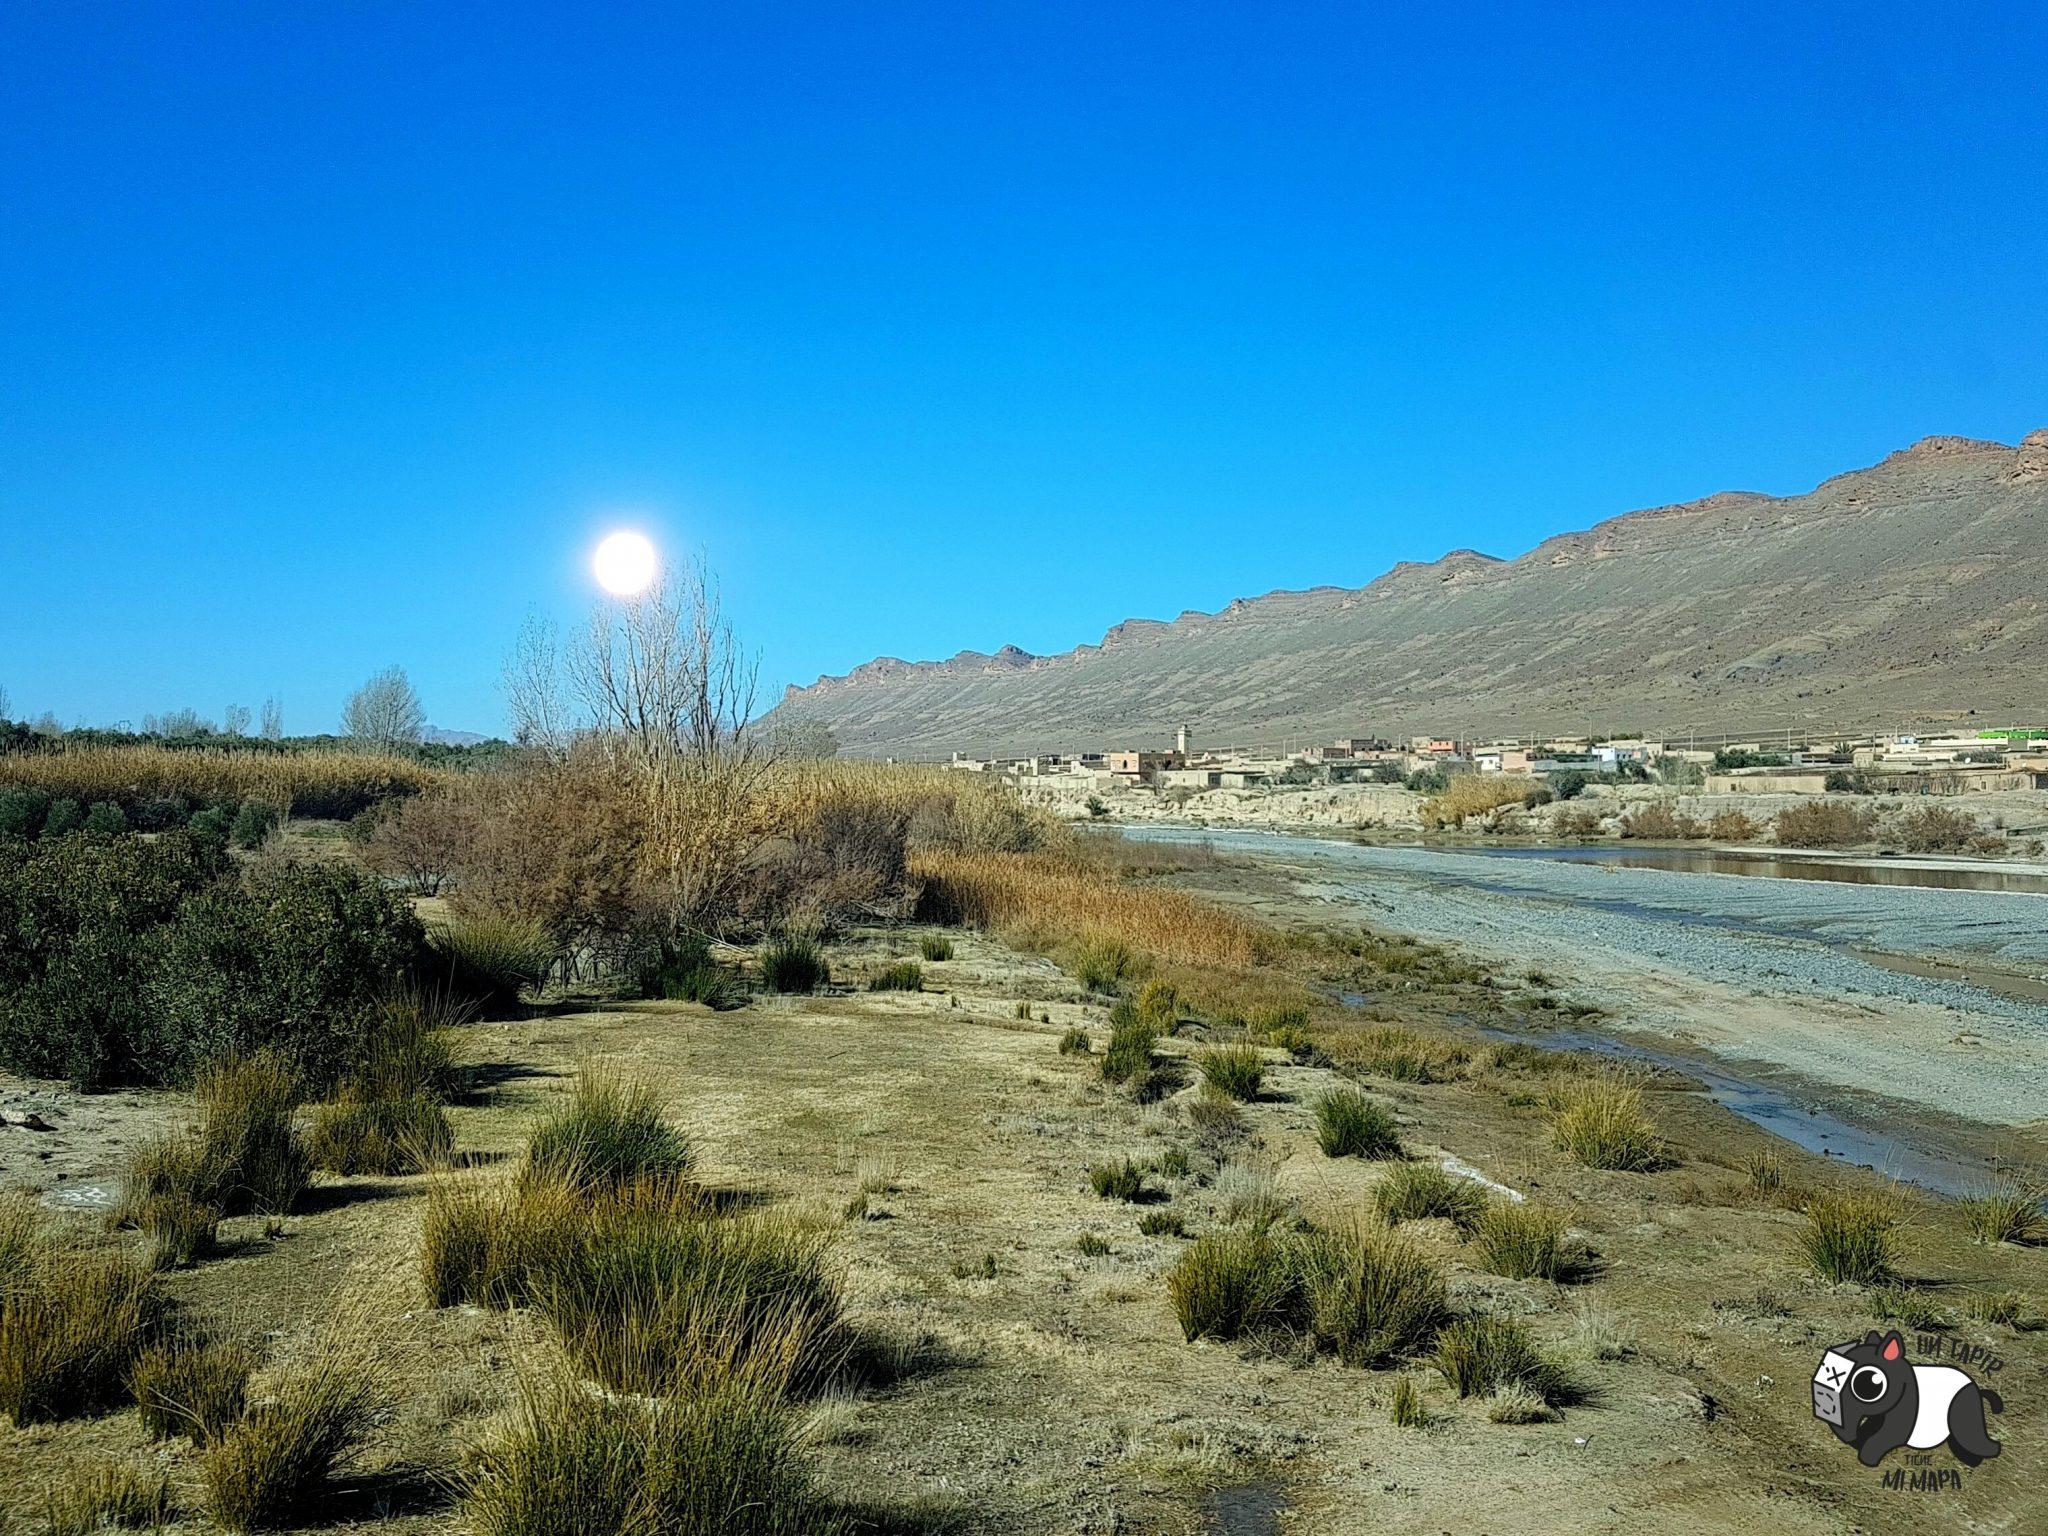 Desde el coche de camino al desierto.